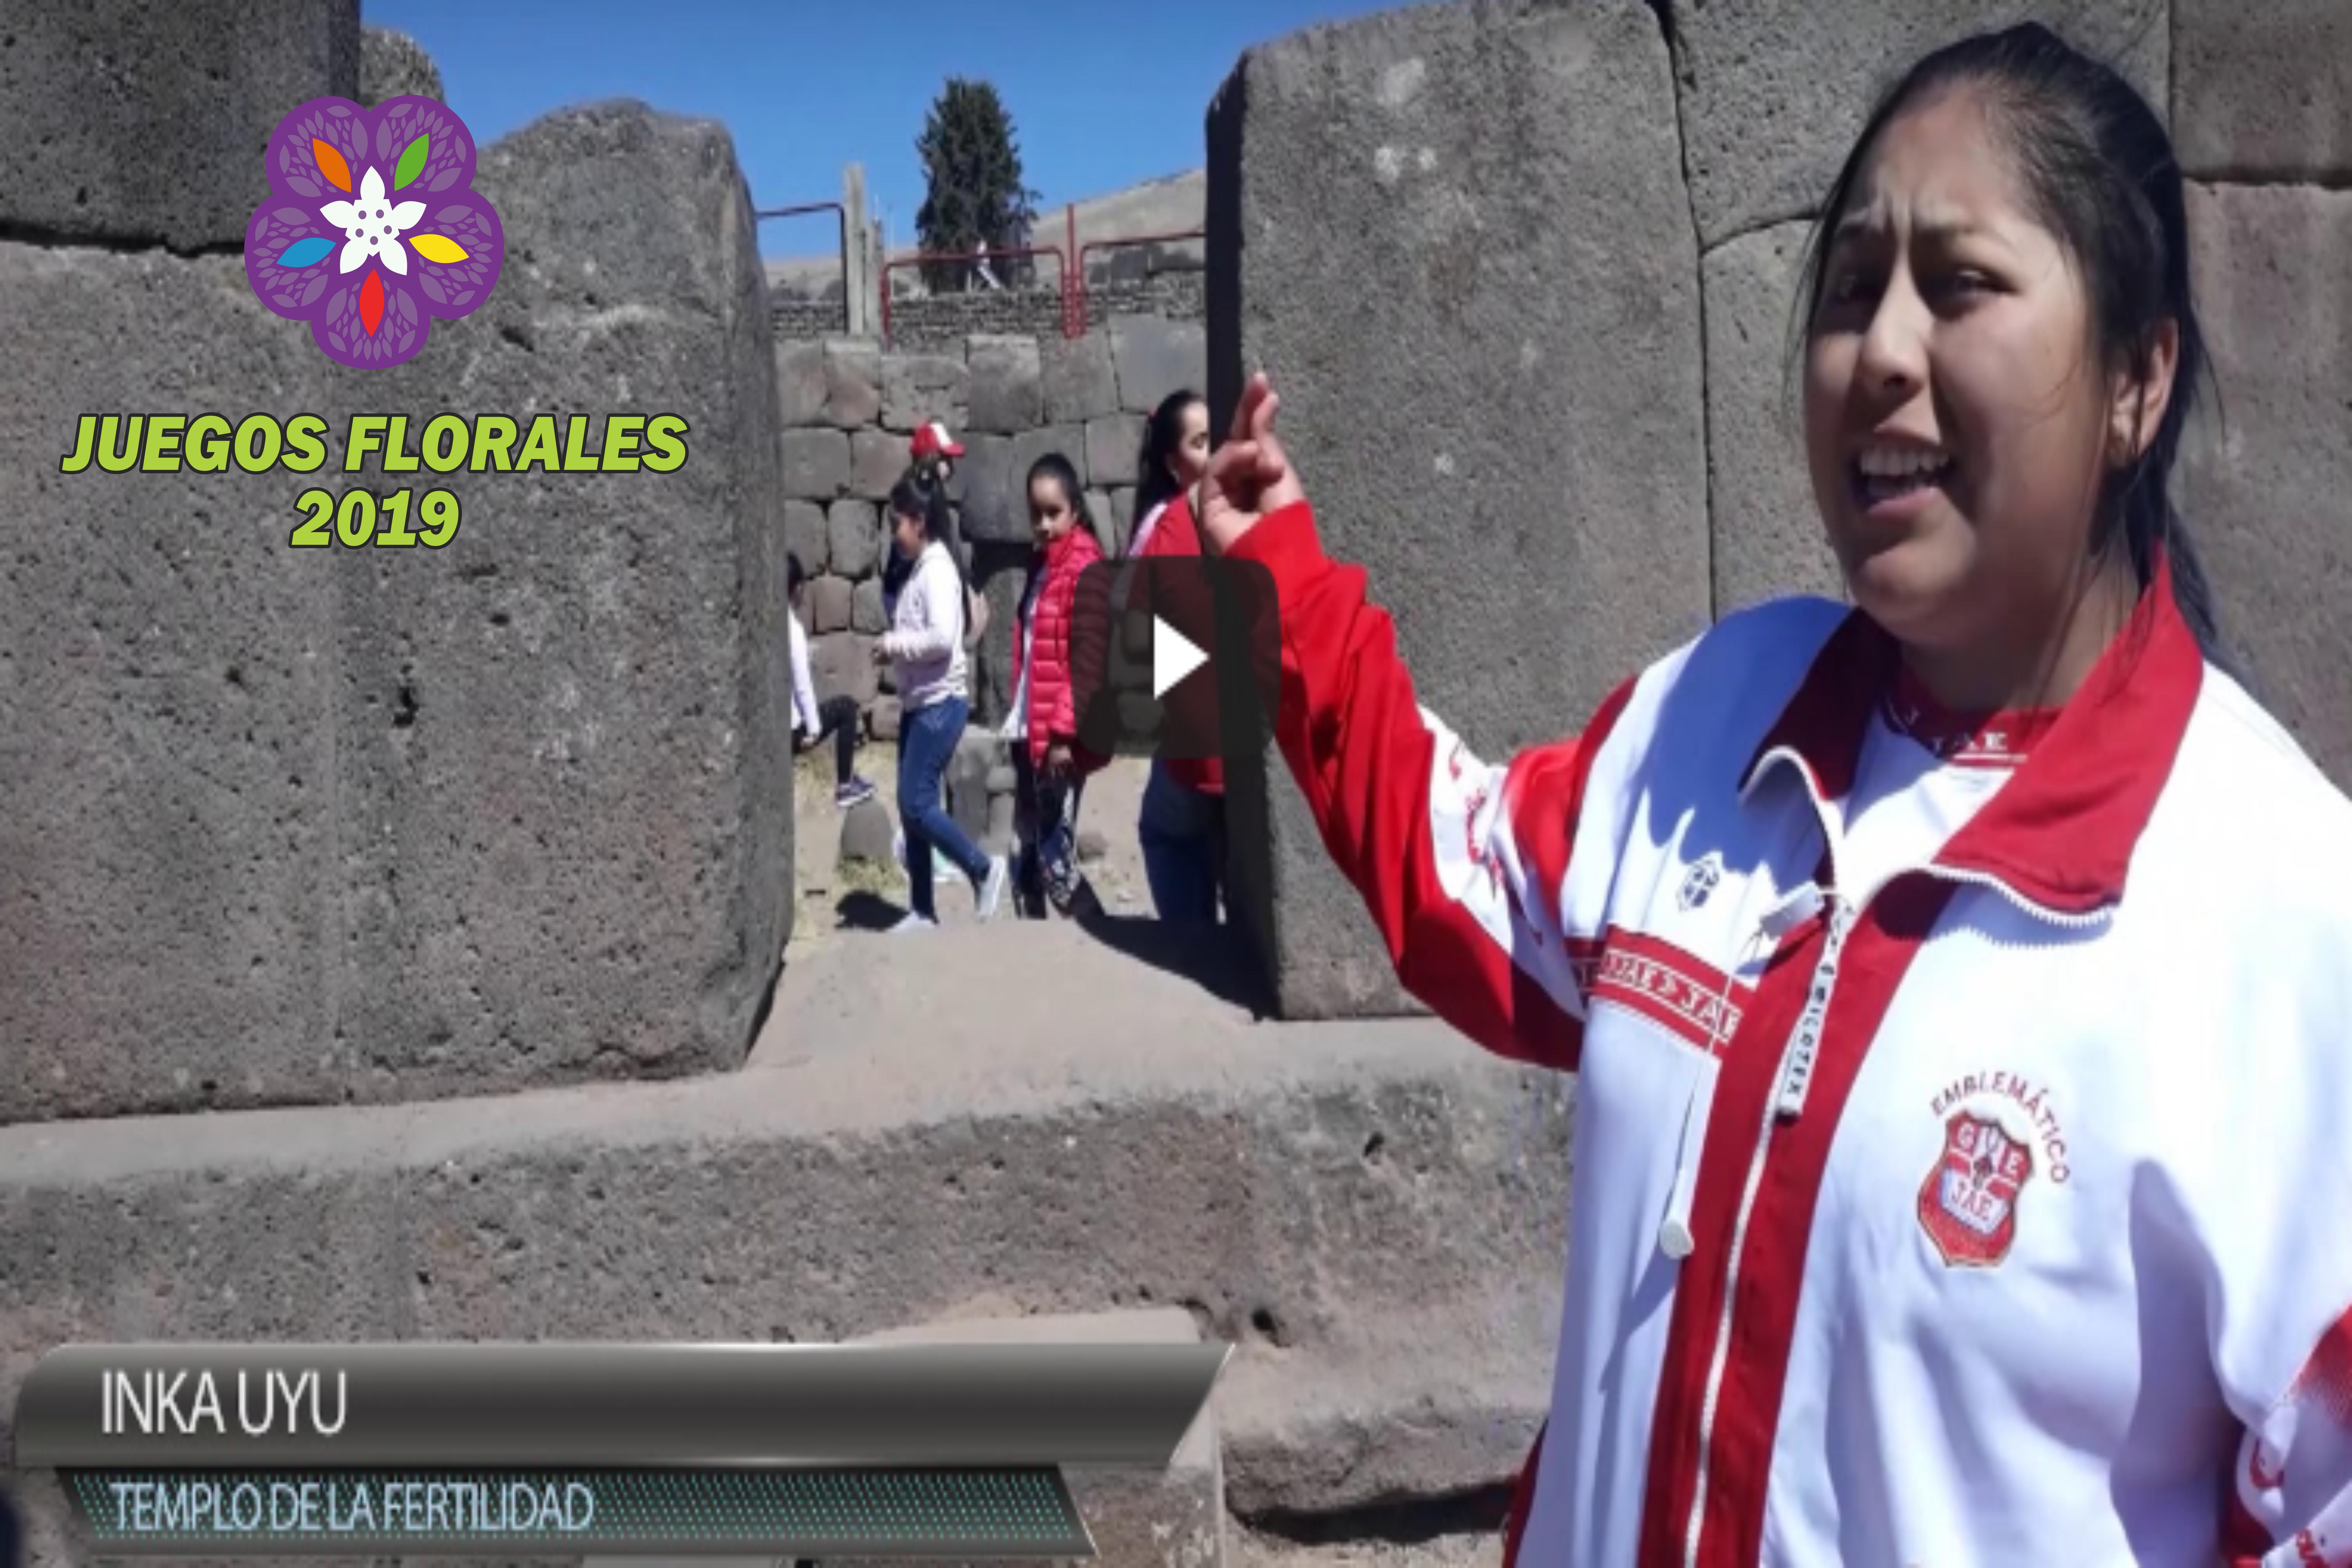 Conociendo Nuestra Región: Juegos Florales 2019